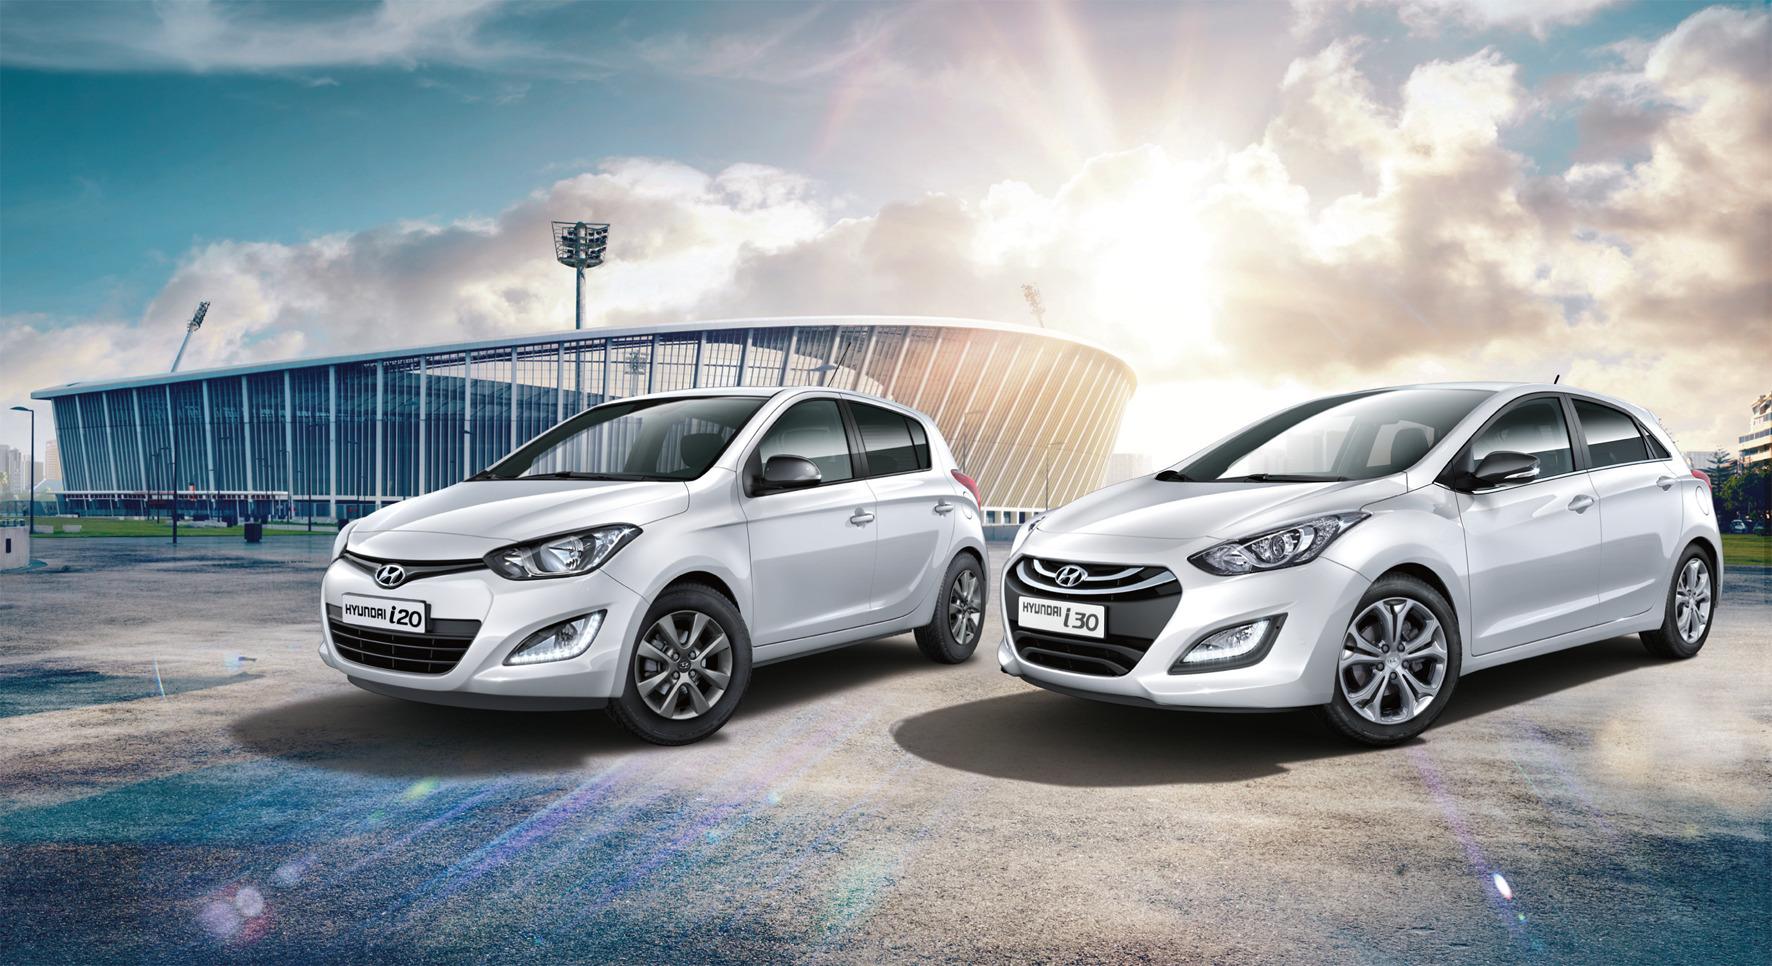 De Hyundai GO! modellen